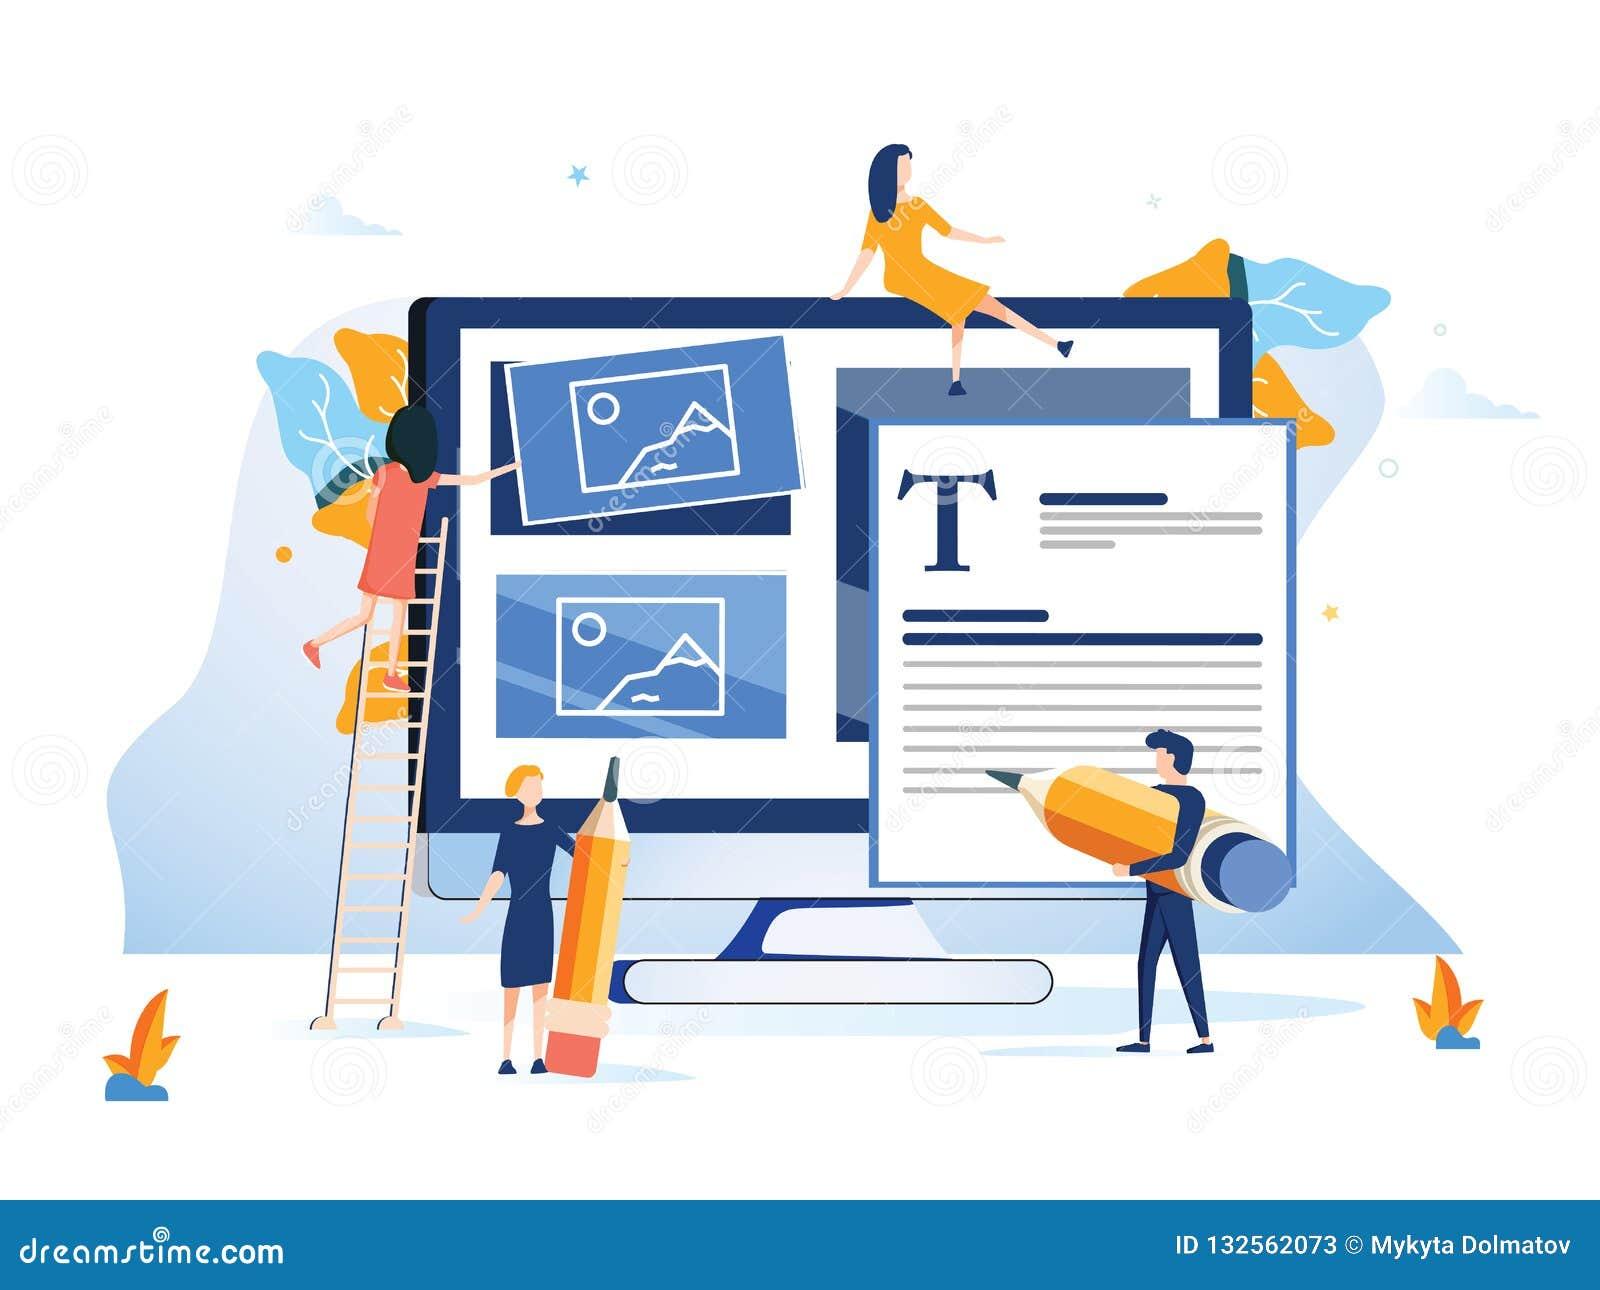 概念Ux用户经验发展设计实用性改进软件开发公司 UI接口实验设计